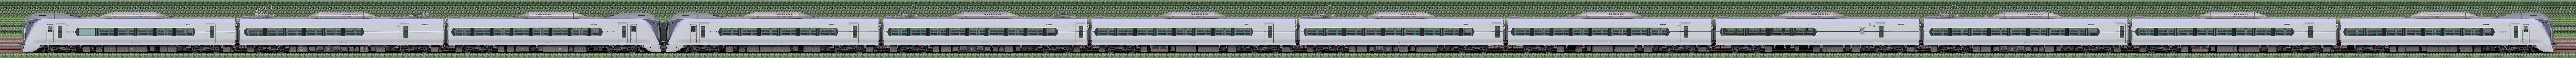 JR東日本 中央東線 E353系S205編成+S112編成(山側)の編成サイドビュー